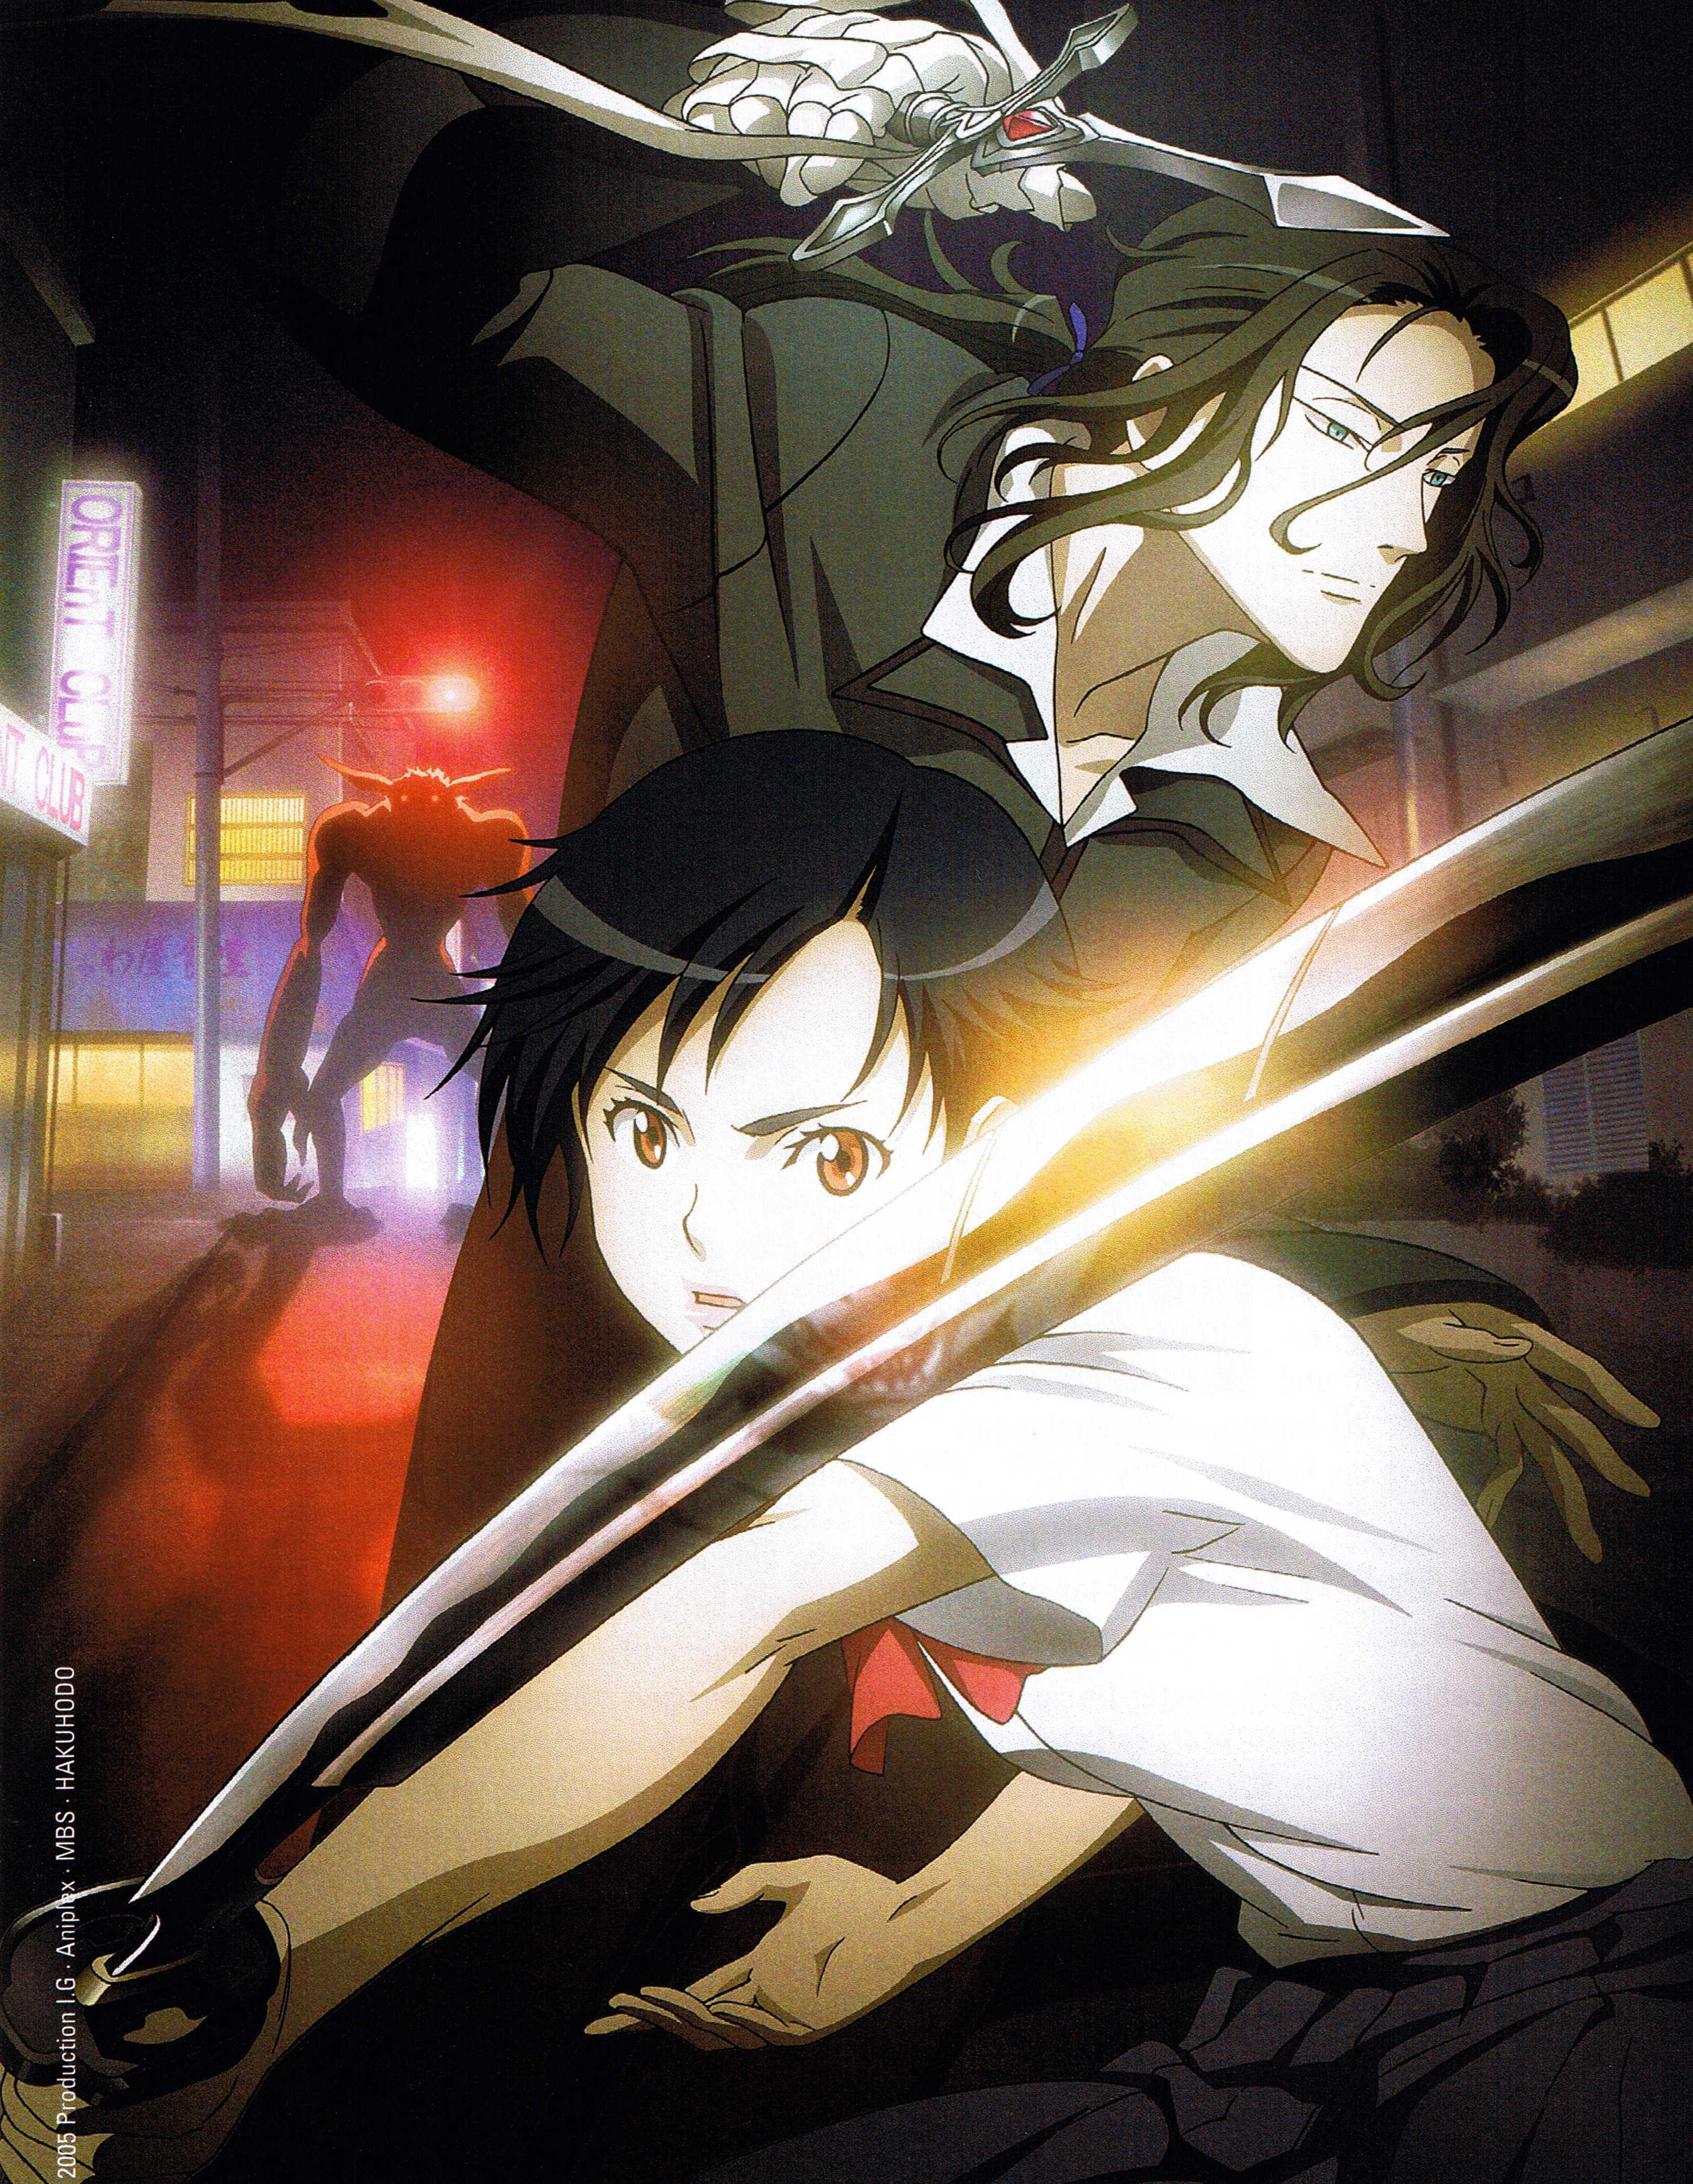 смотреть аниме онлайн в хорошем качестве бесплатно и без регистрации: